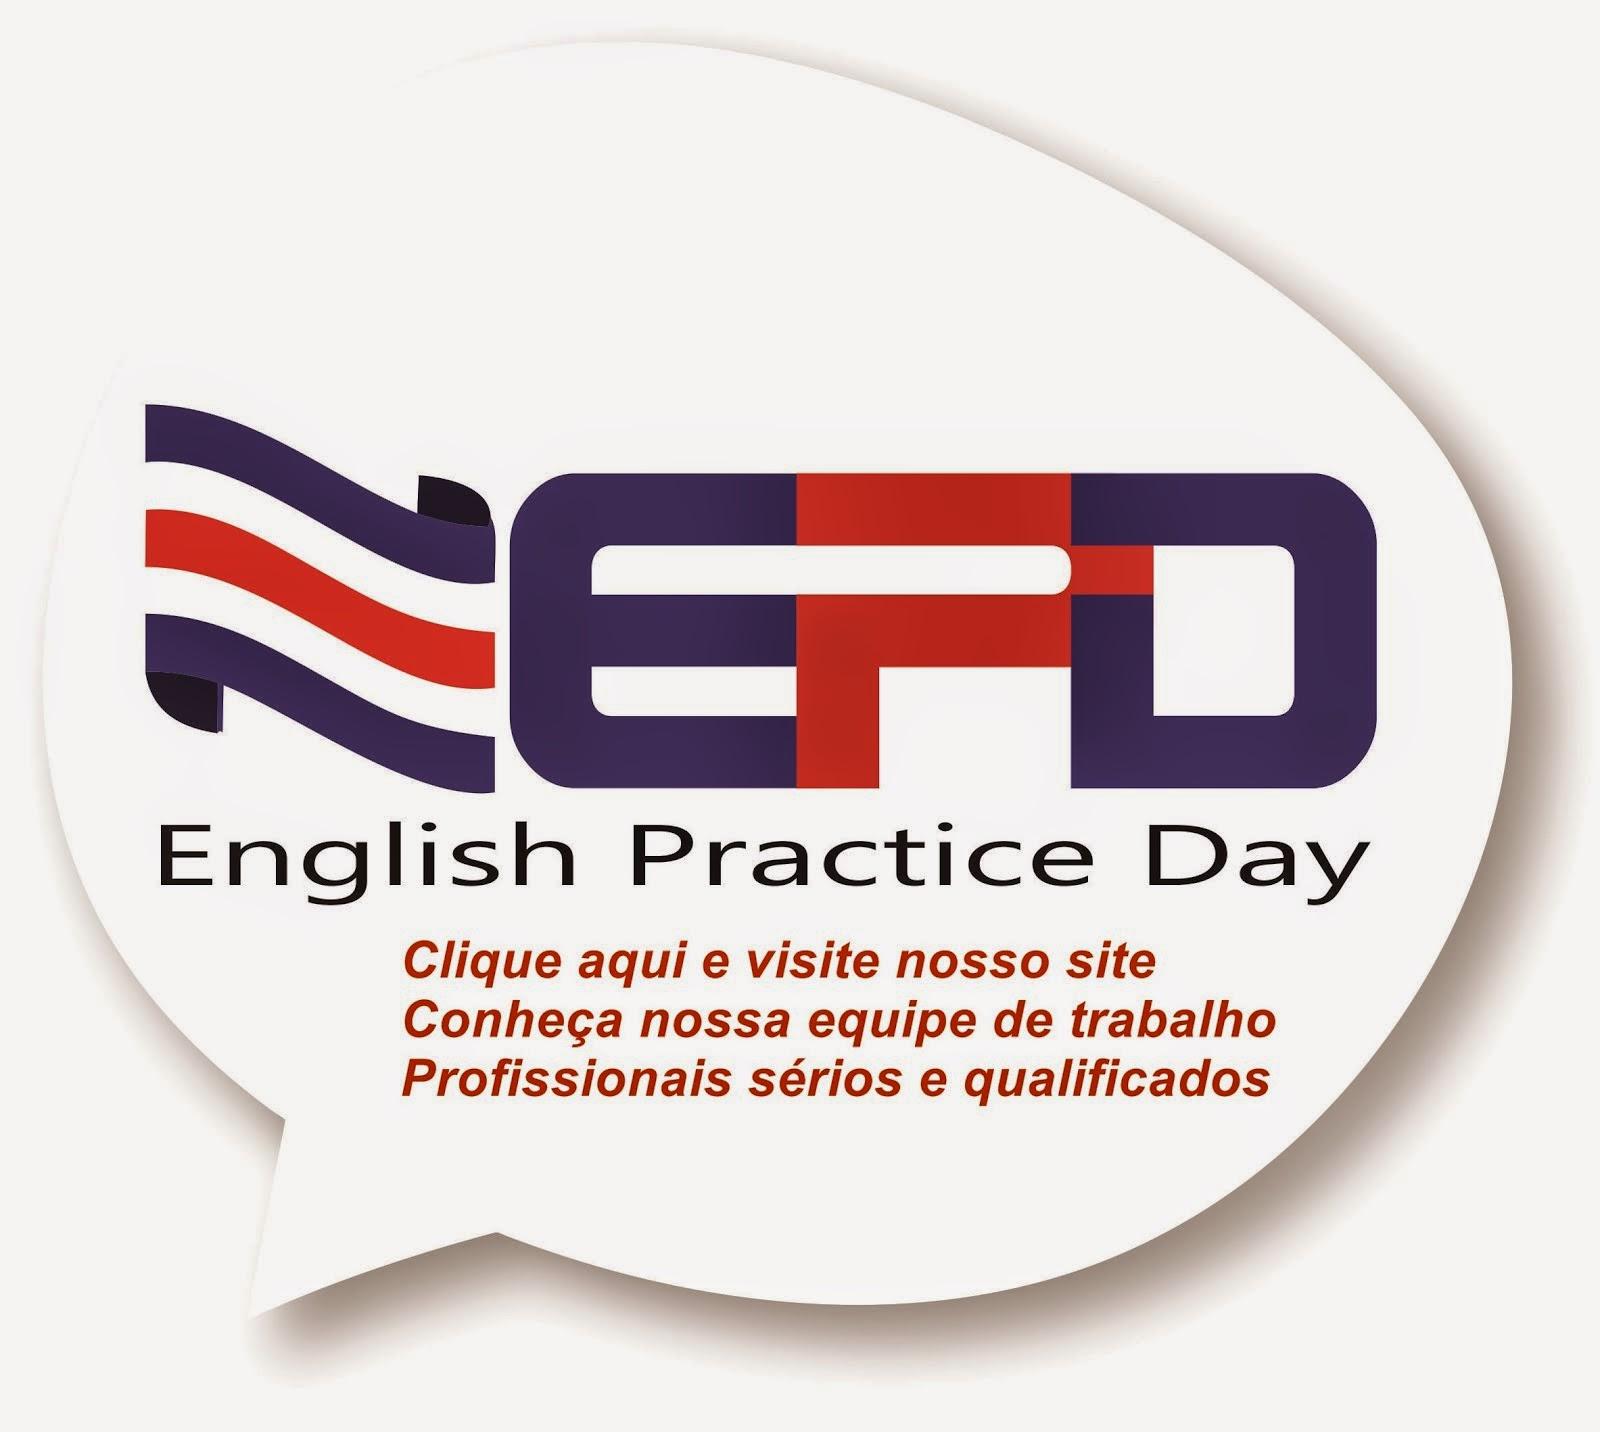 Clique Aqui e visite a página EPD - English Practice Day